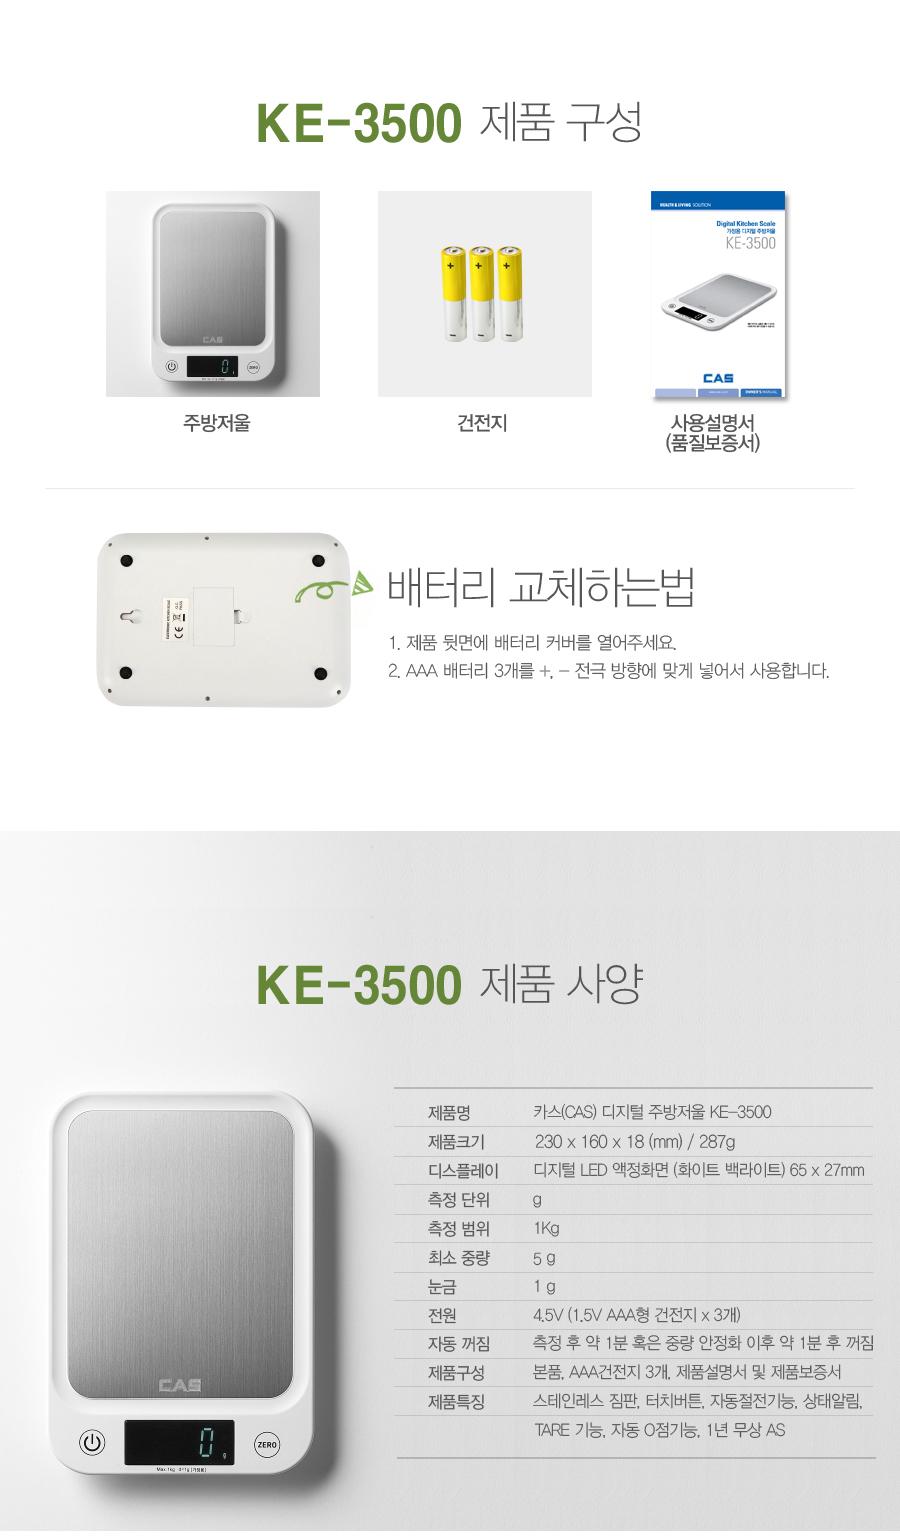 카스(CAS) 디지털 주방저울(전자저울) KE-3500 - 카스, 19,800원, 계량도구, 저울